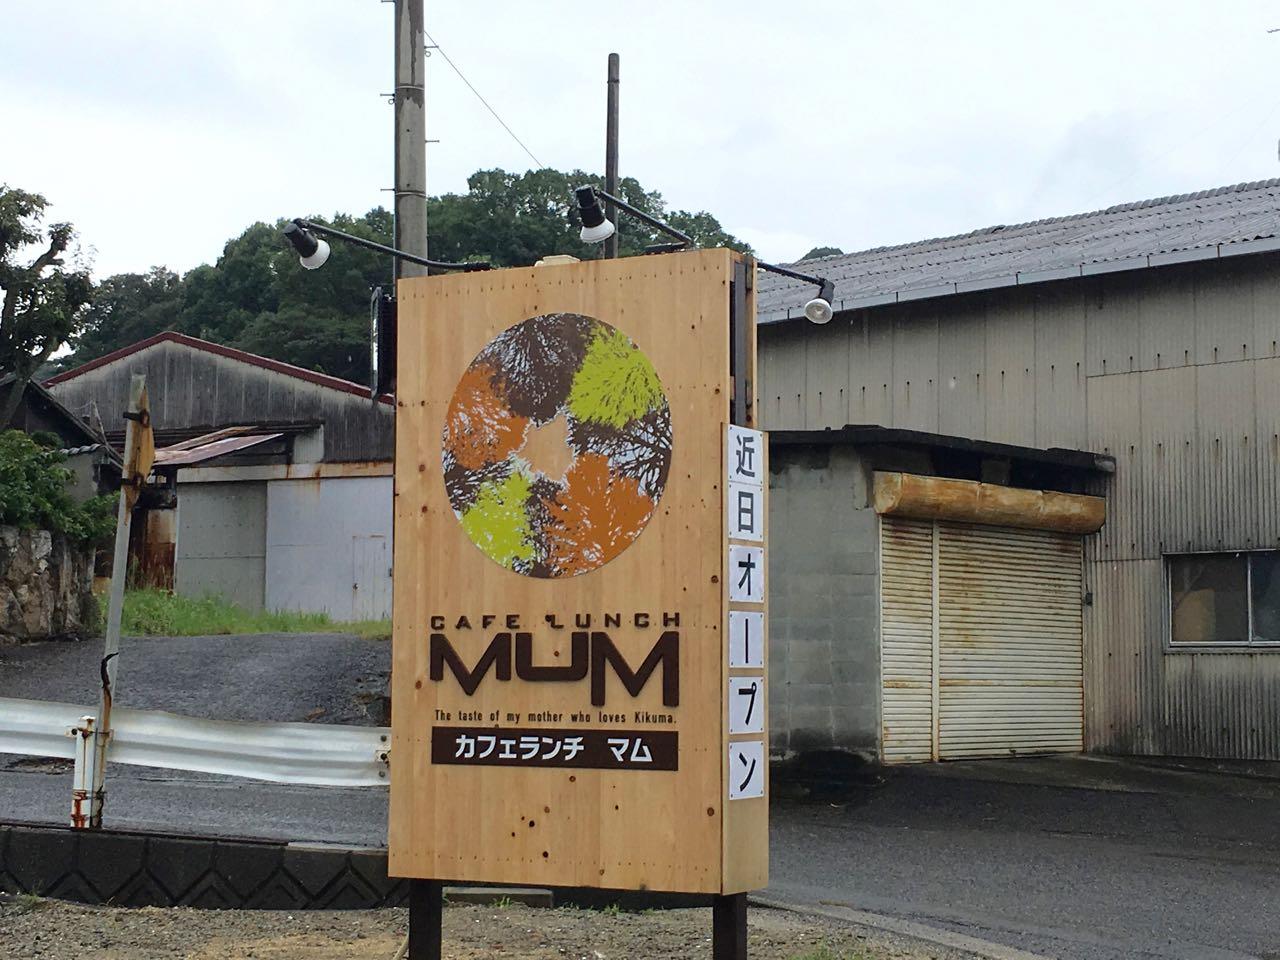 みとん,MUM,菊間,カフェ,新規オープン